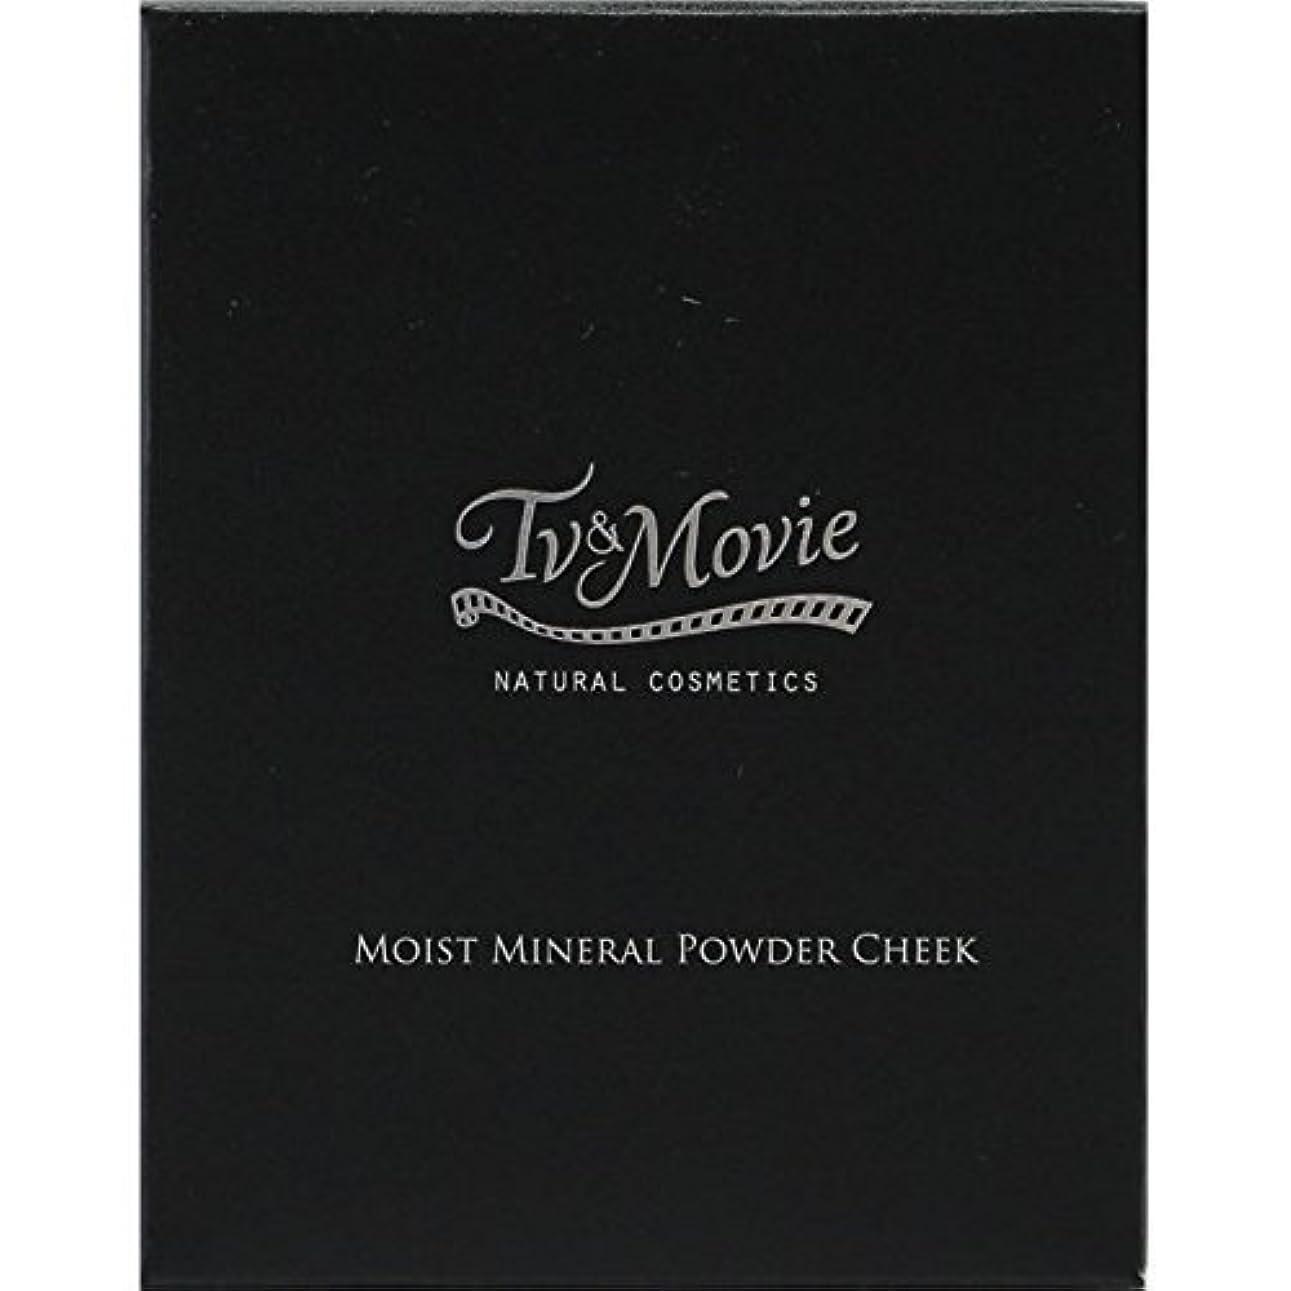 保存するクロニクルブリードTv&Movie モイストミネラル パウダーチーク 02 スイートオレンジ 5g